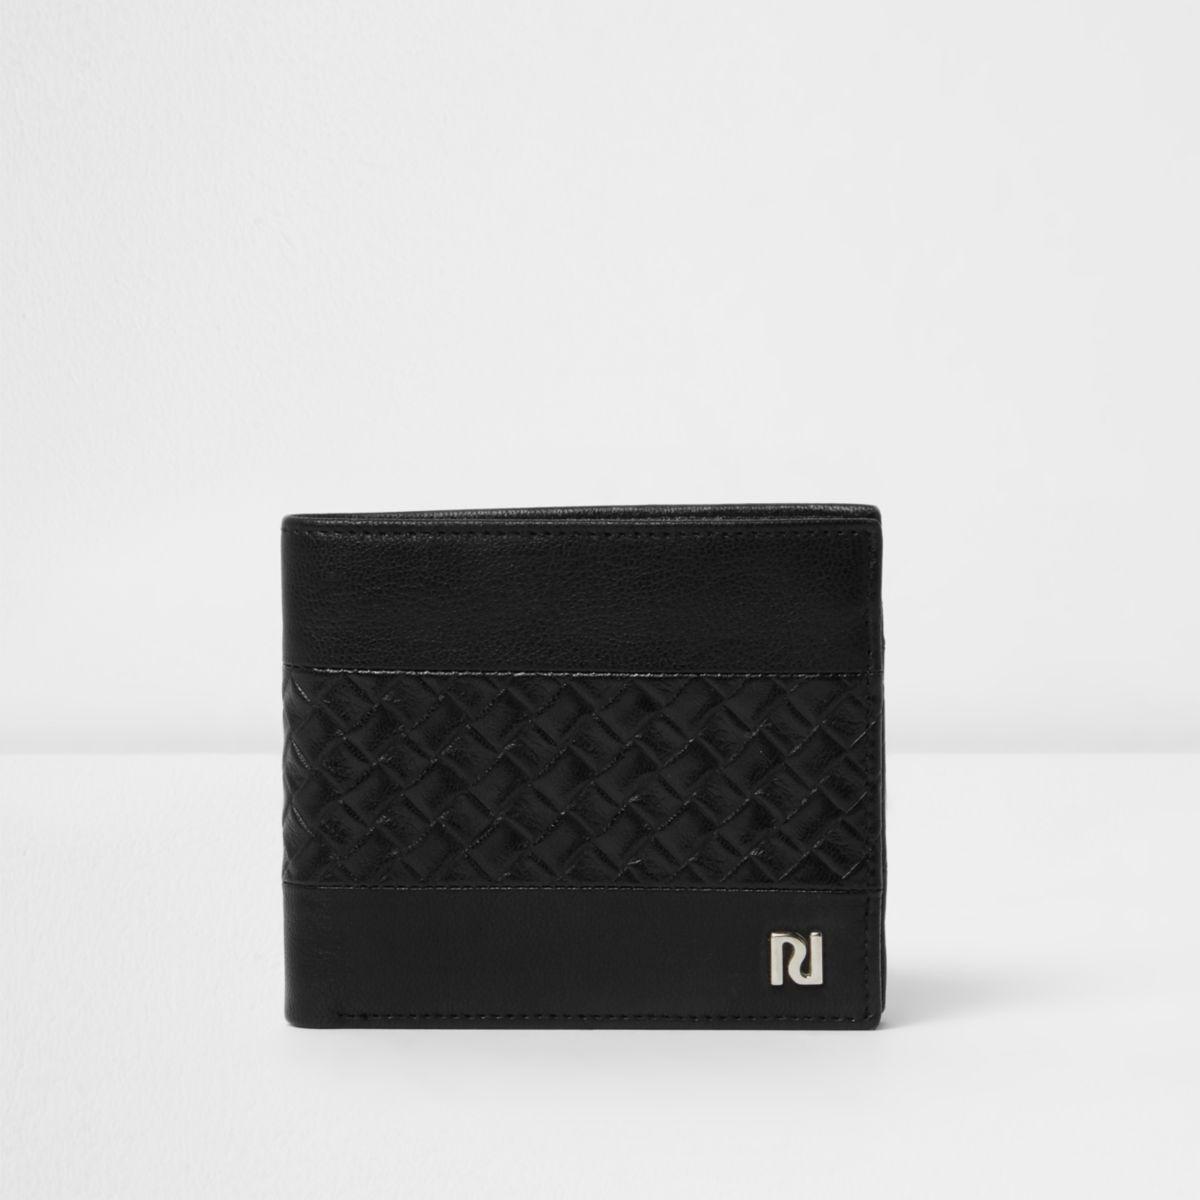 Portefeuille motif tressé texturé noir